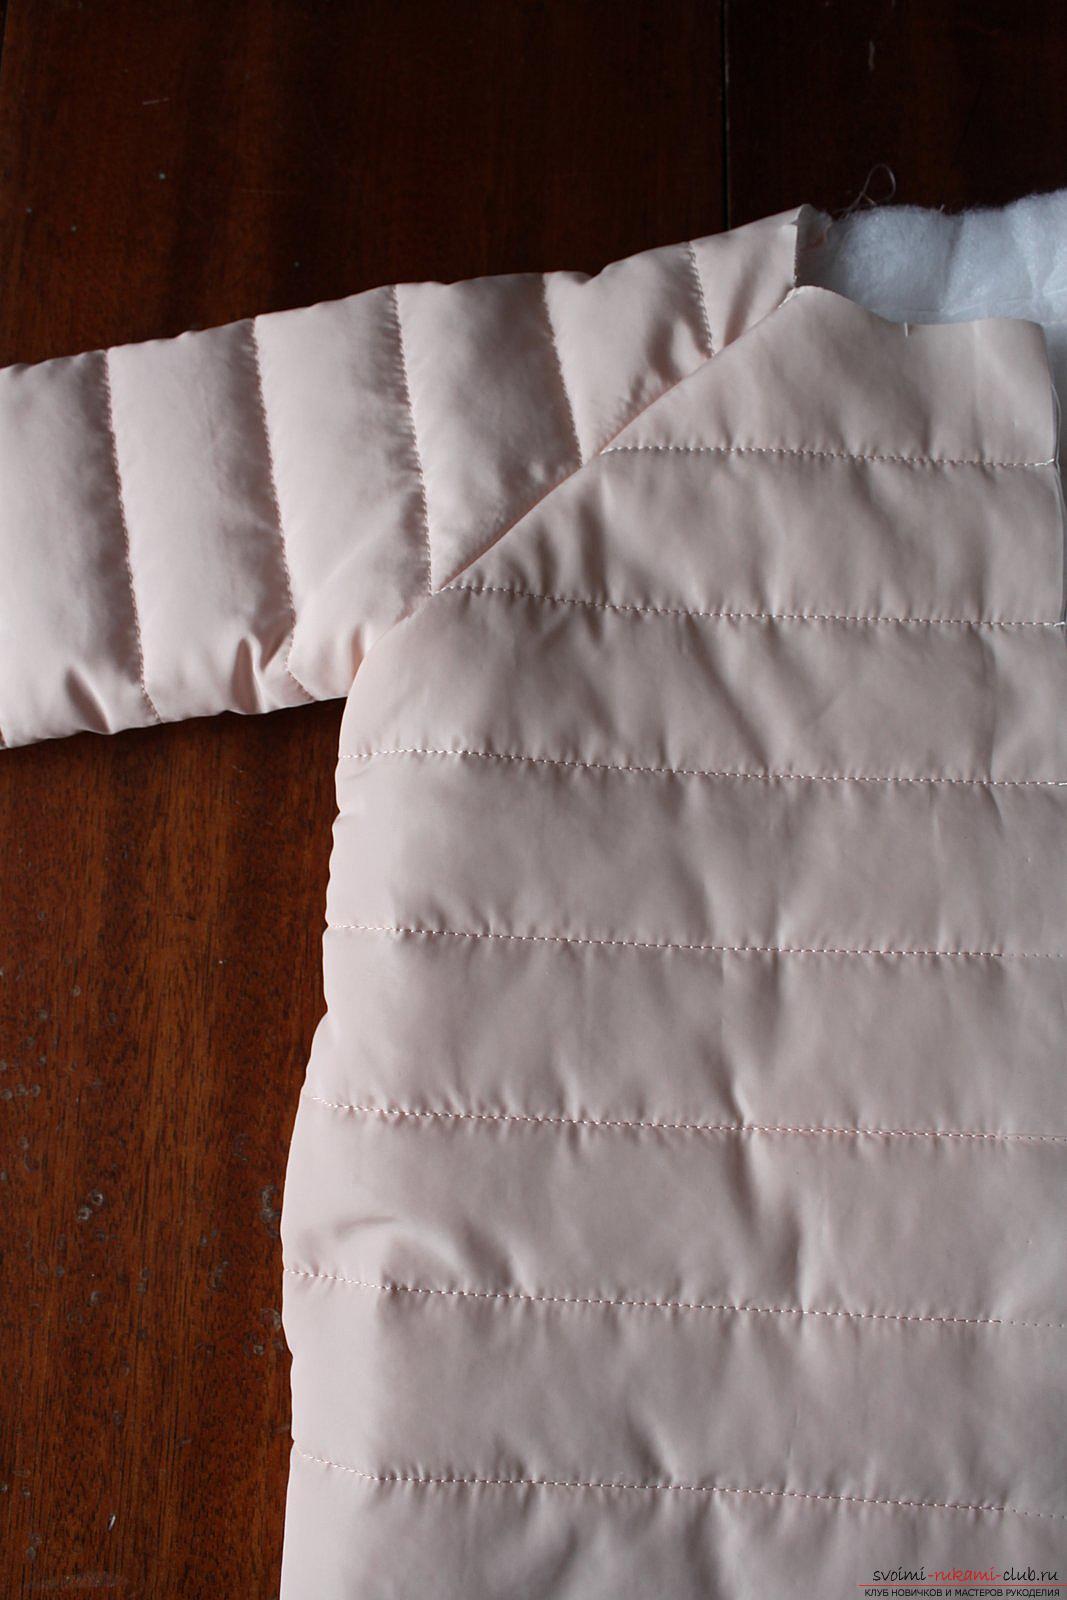 Этот мастер-класс с выкройкой одежды для девочек, фото и описанием шитья детской одежды расскажет как сшить куртки для девочек.. Фото №16